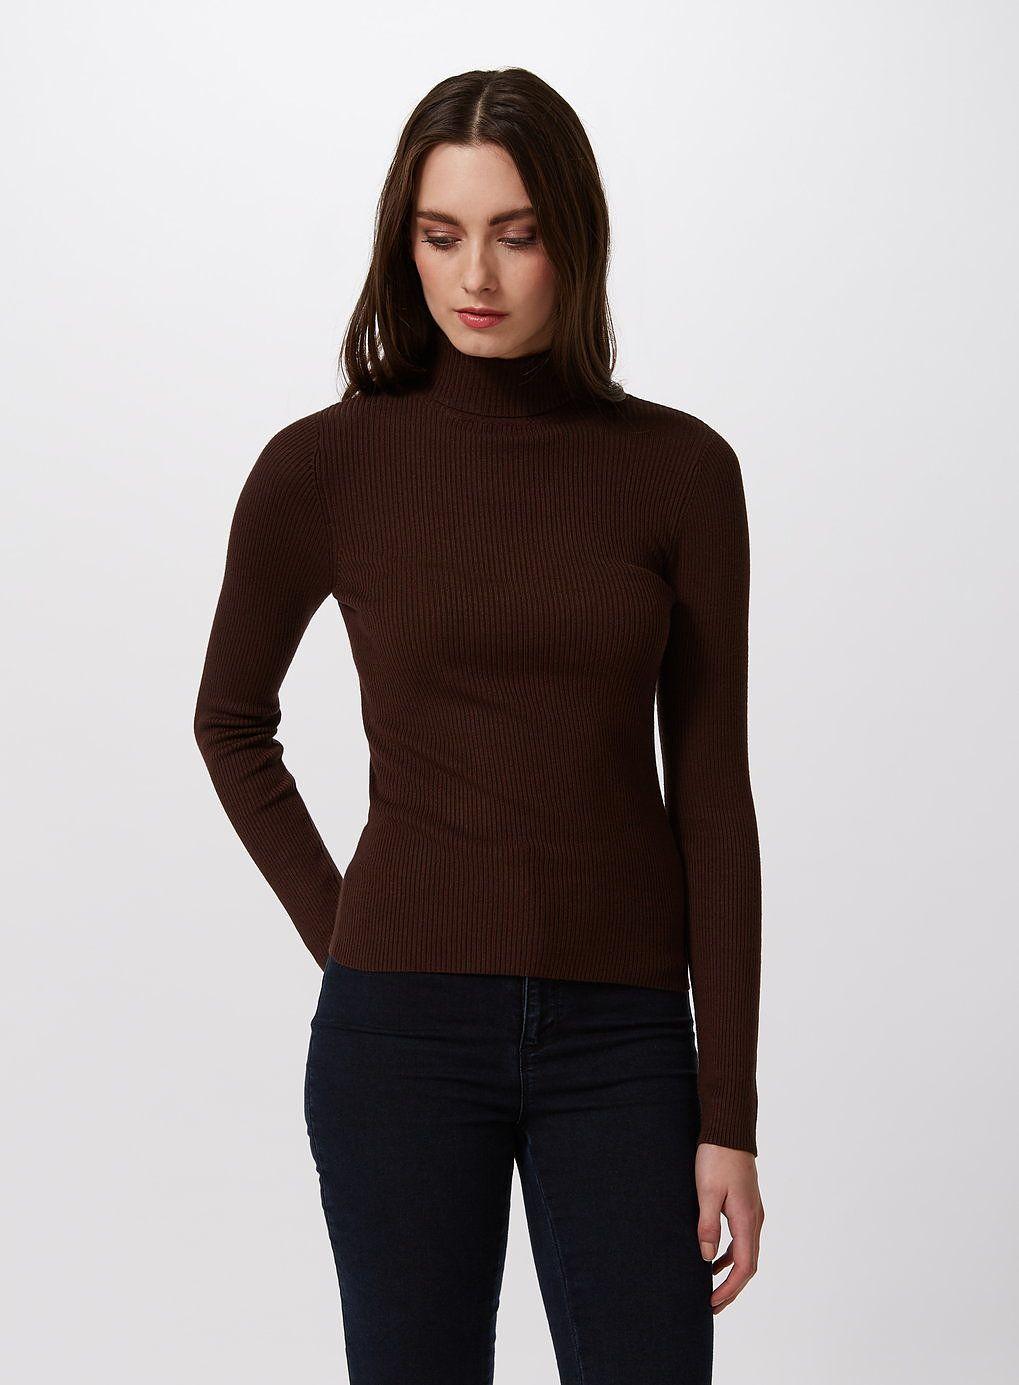 cb3edb4d0 Womens chocolate rib roll neck jumper from Miss Selfridge - £25 at ...